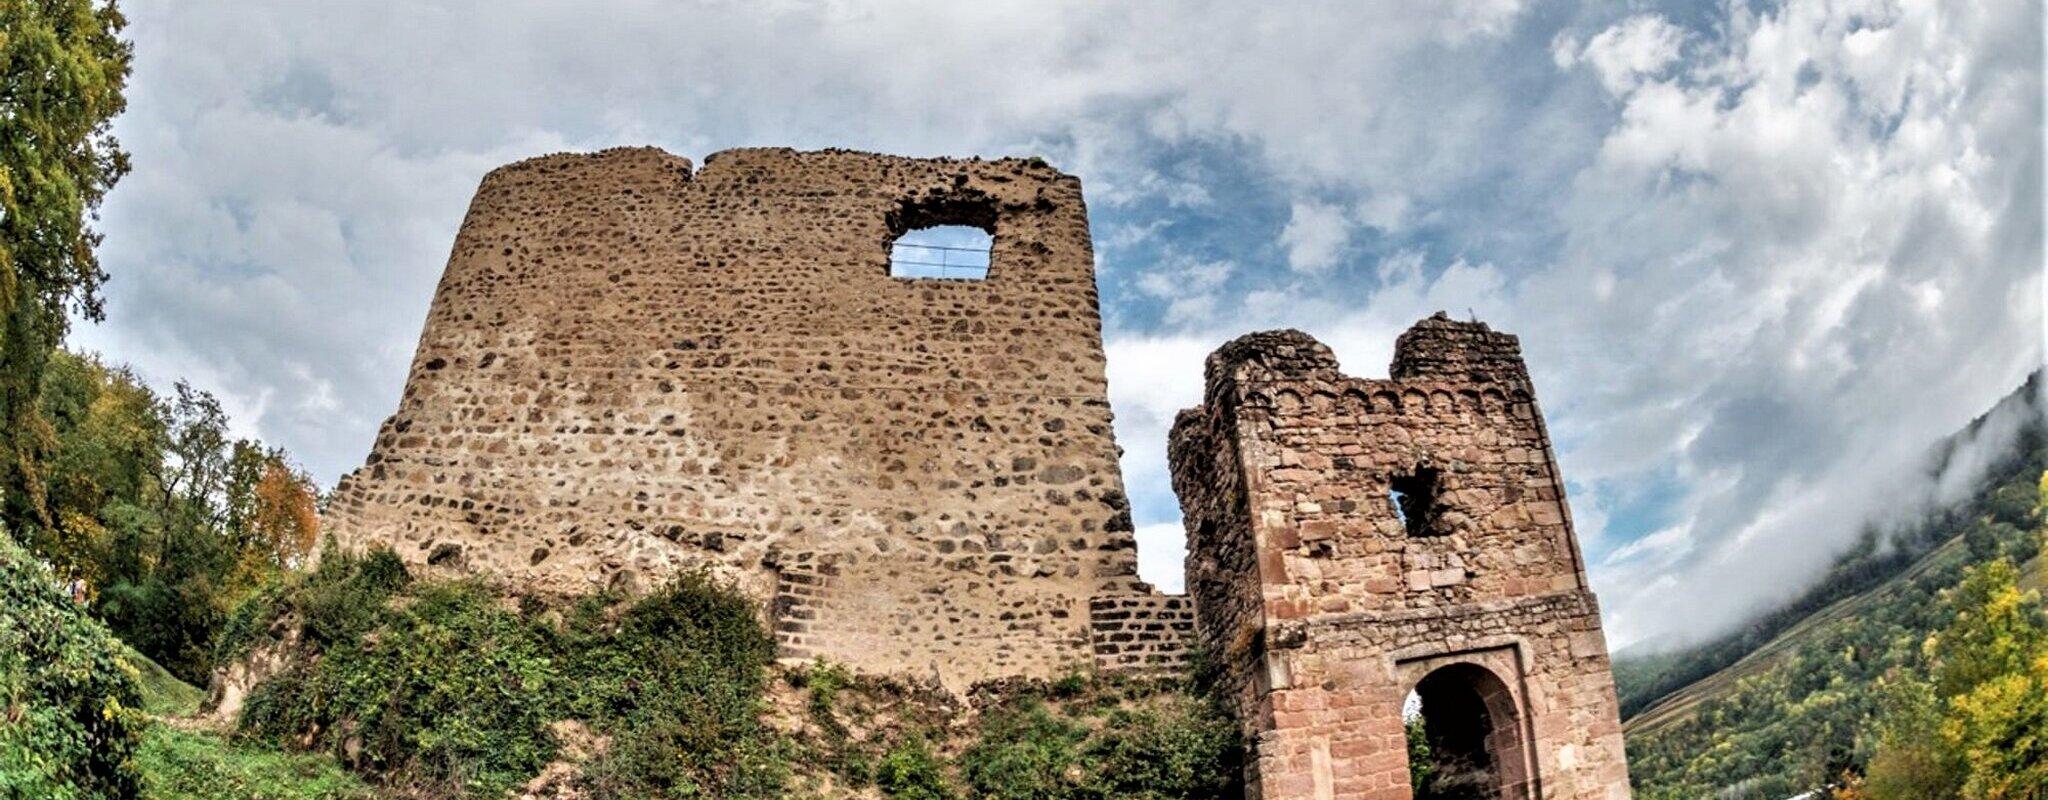 Les 26 étapes du chemin des châteaux forts d'Alsace numérisées